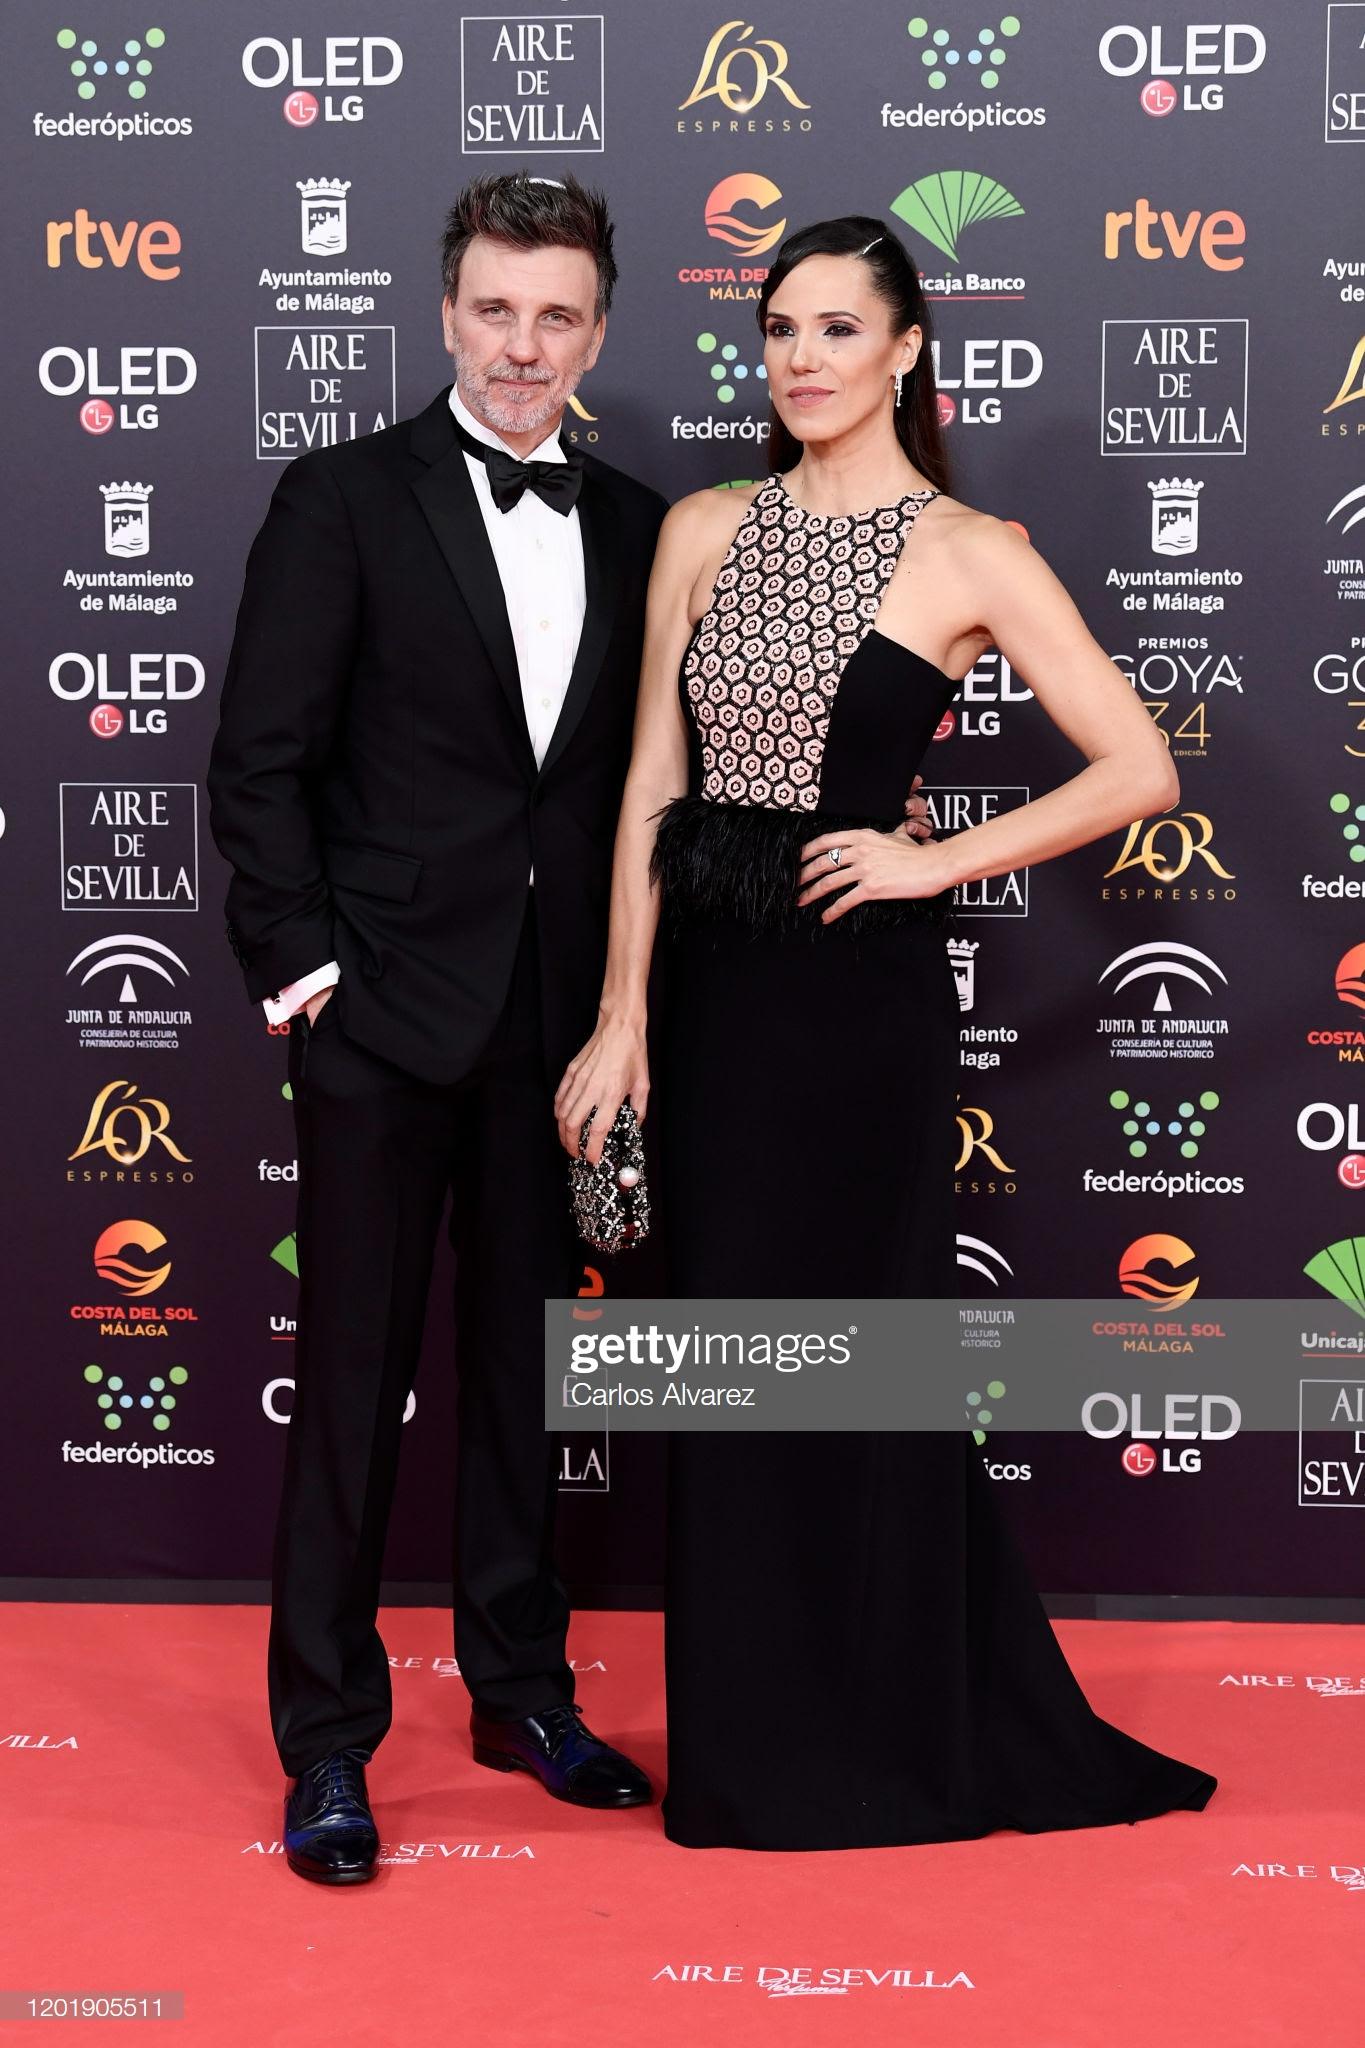 e33de989 1987 47c3 9e72 b136ee336aa7 - Premios Goya 2020 : Looks de todas las celebrities que lucieron  marcas de Replica